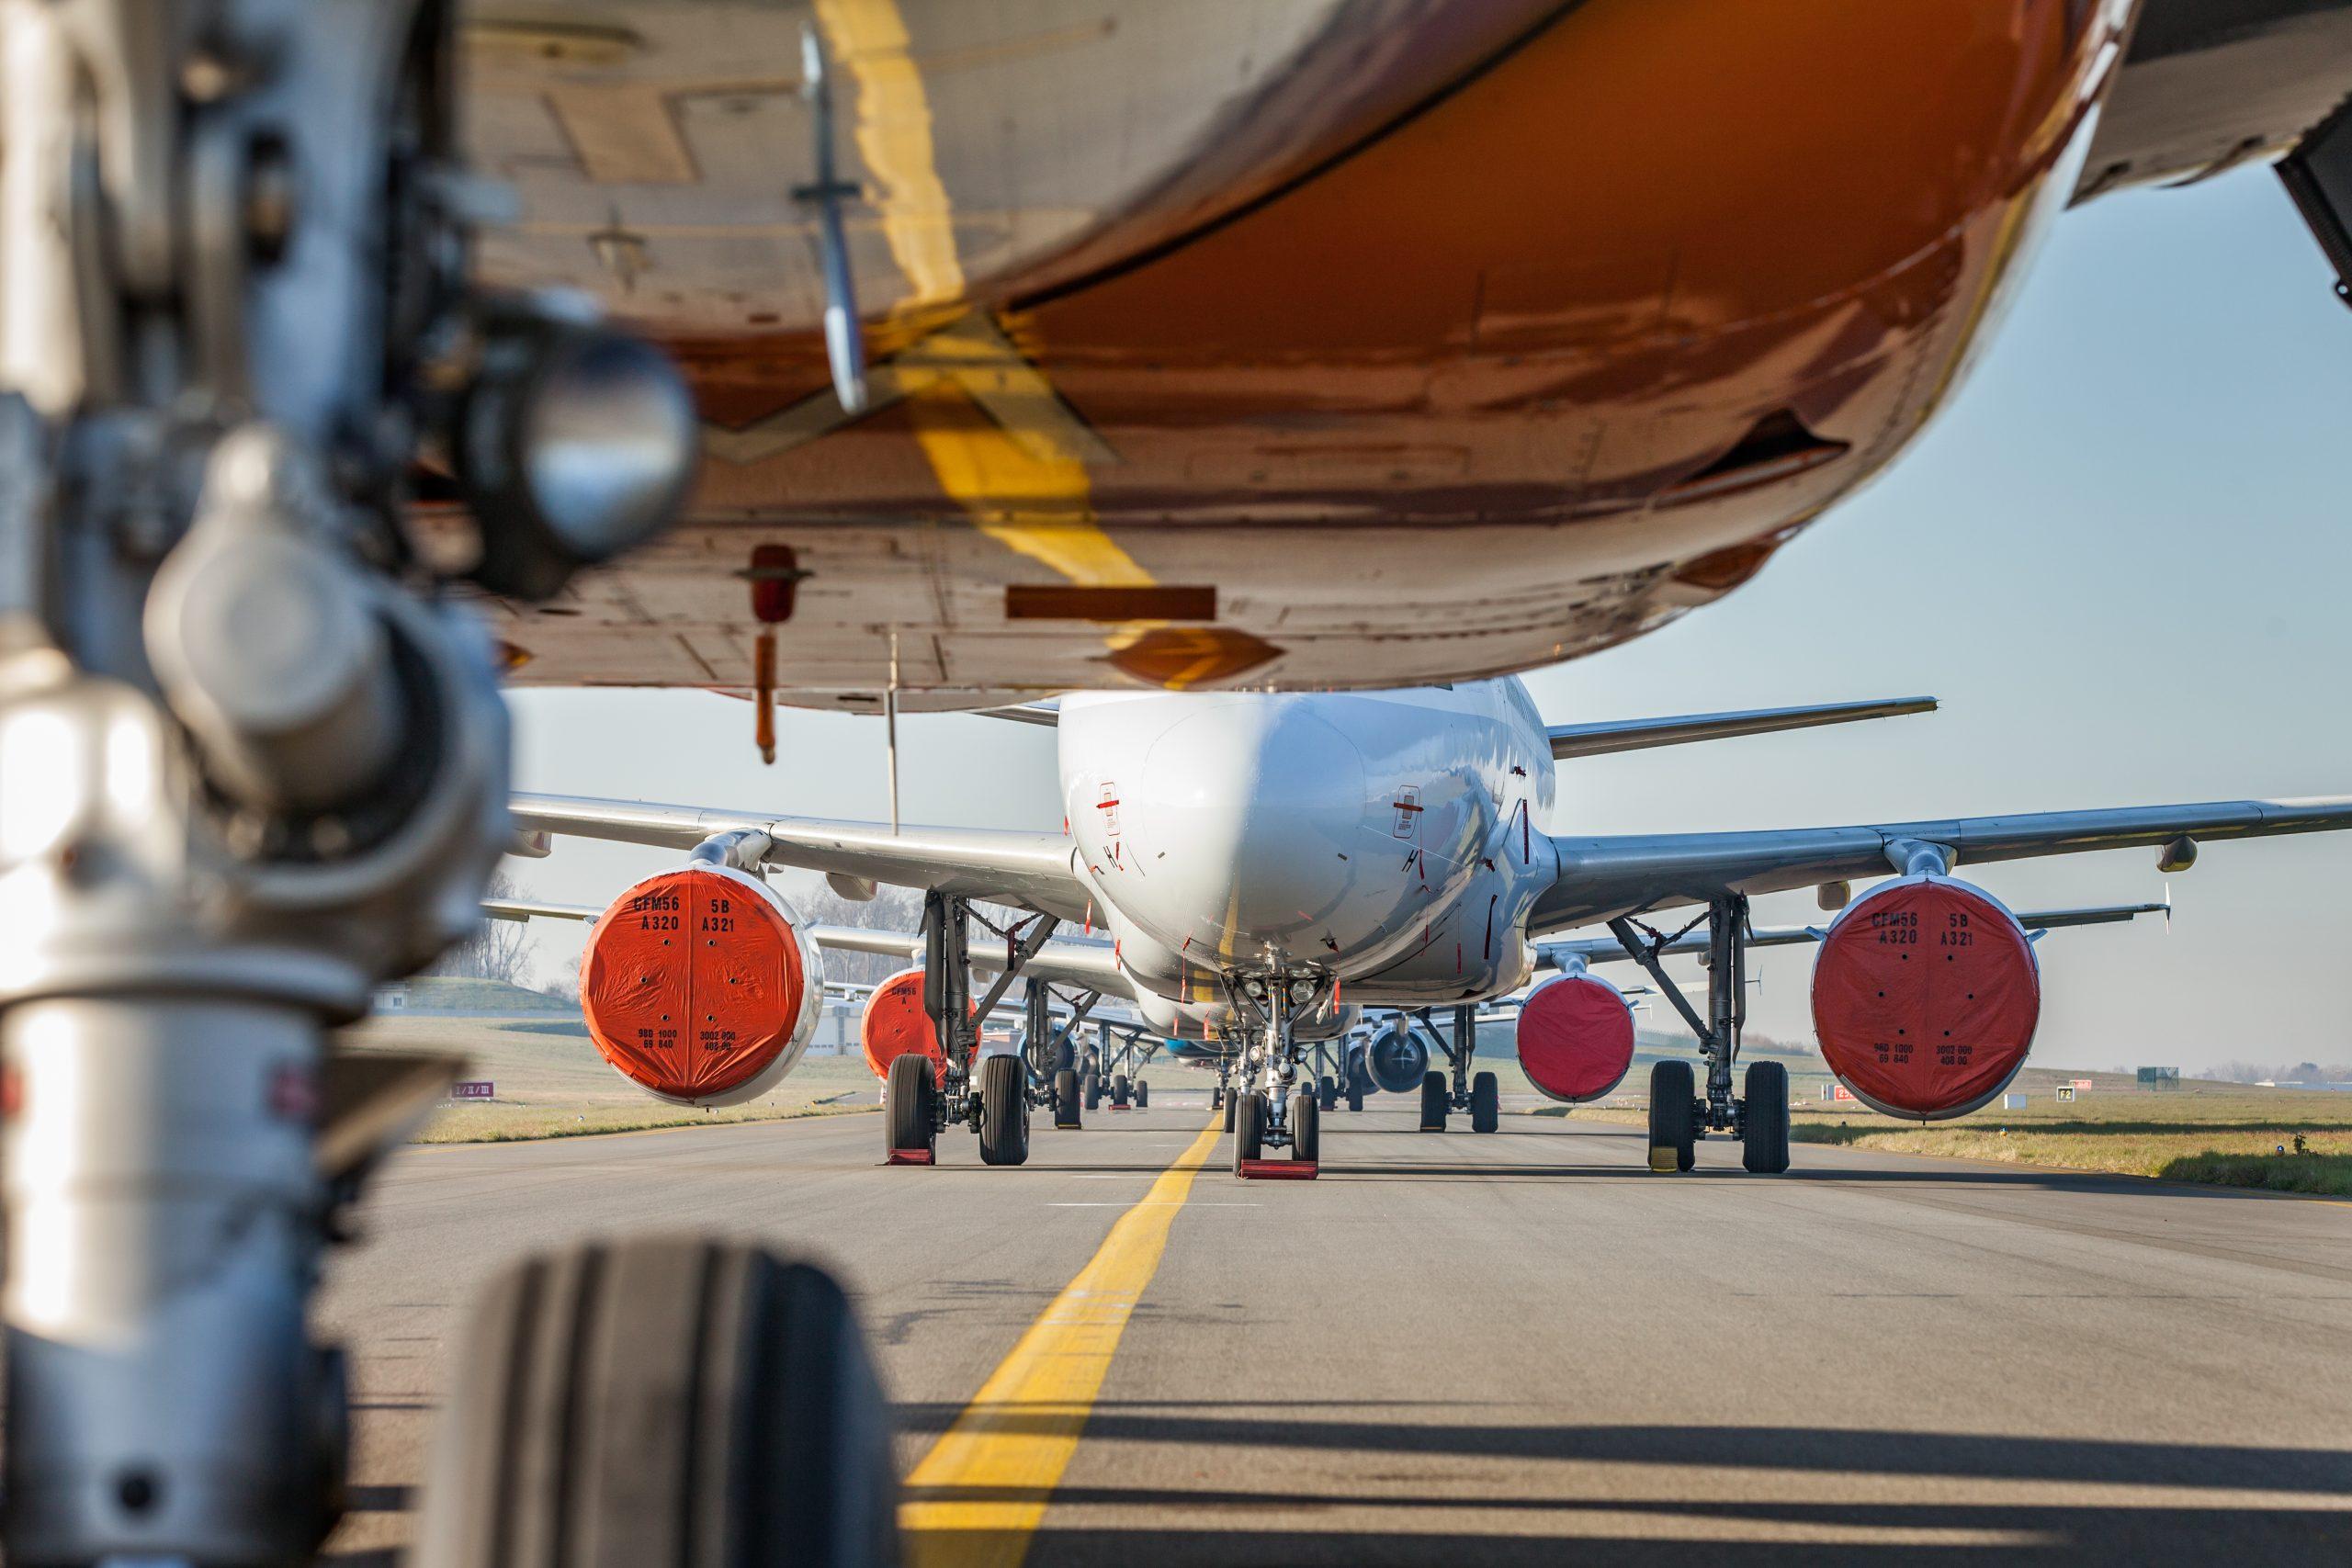 Som følge af coronakrisen flyver også Brussels Airlines i denne tid med et reduceret trafikprogram. Pressefoto: Brussels Airlines.